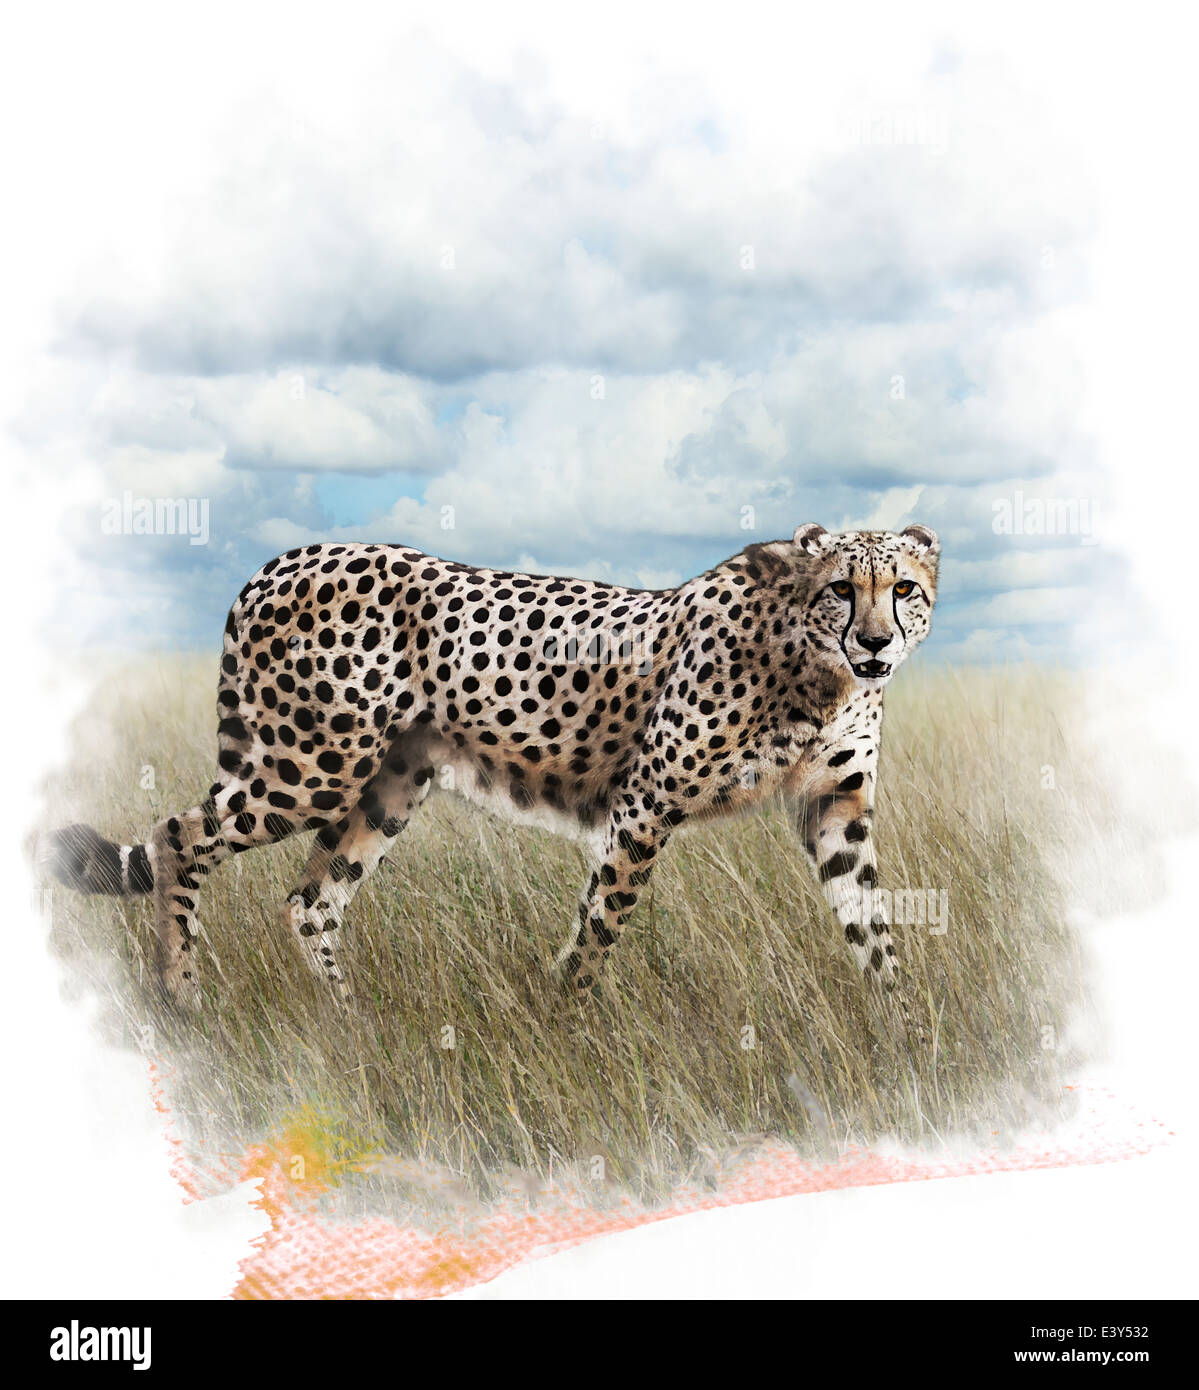 Watercolor Digital Painting Of Walking Cheetah - Stock Image